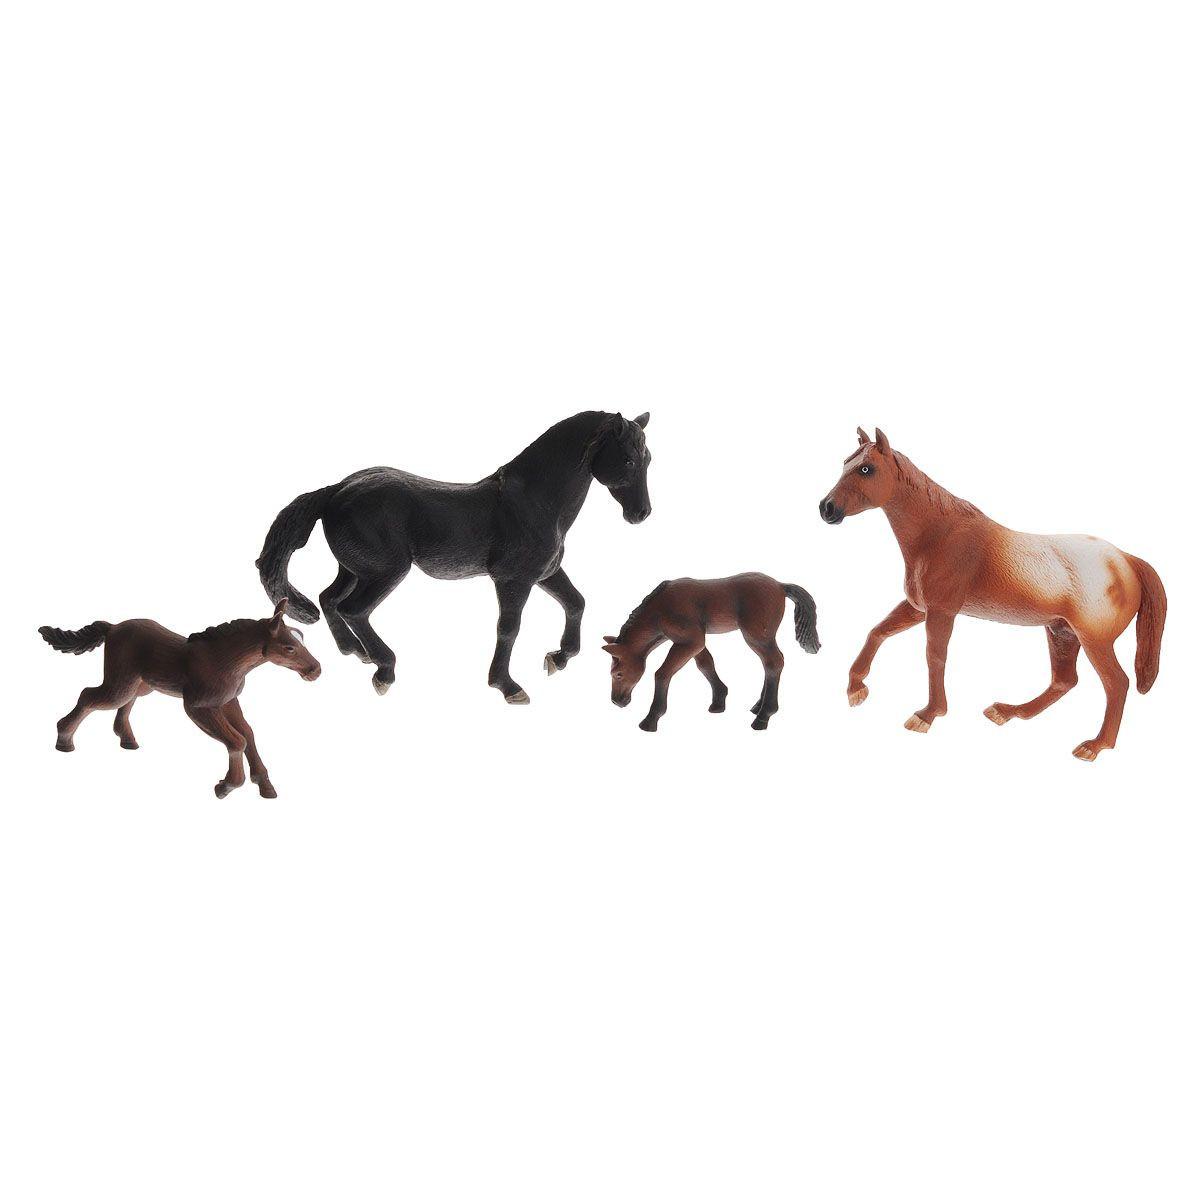 Набор Animal Planet – Лошади, 4 штукиЛошади (Horse)<br>Набор Animal Planet – Лошади, 4 штуки<br>